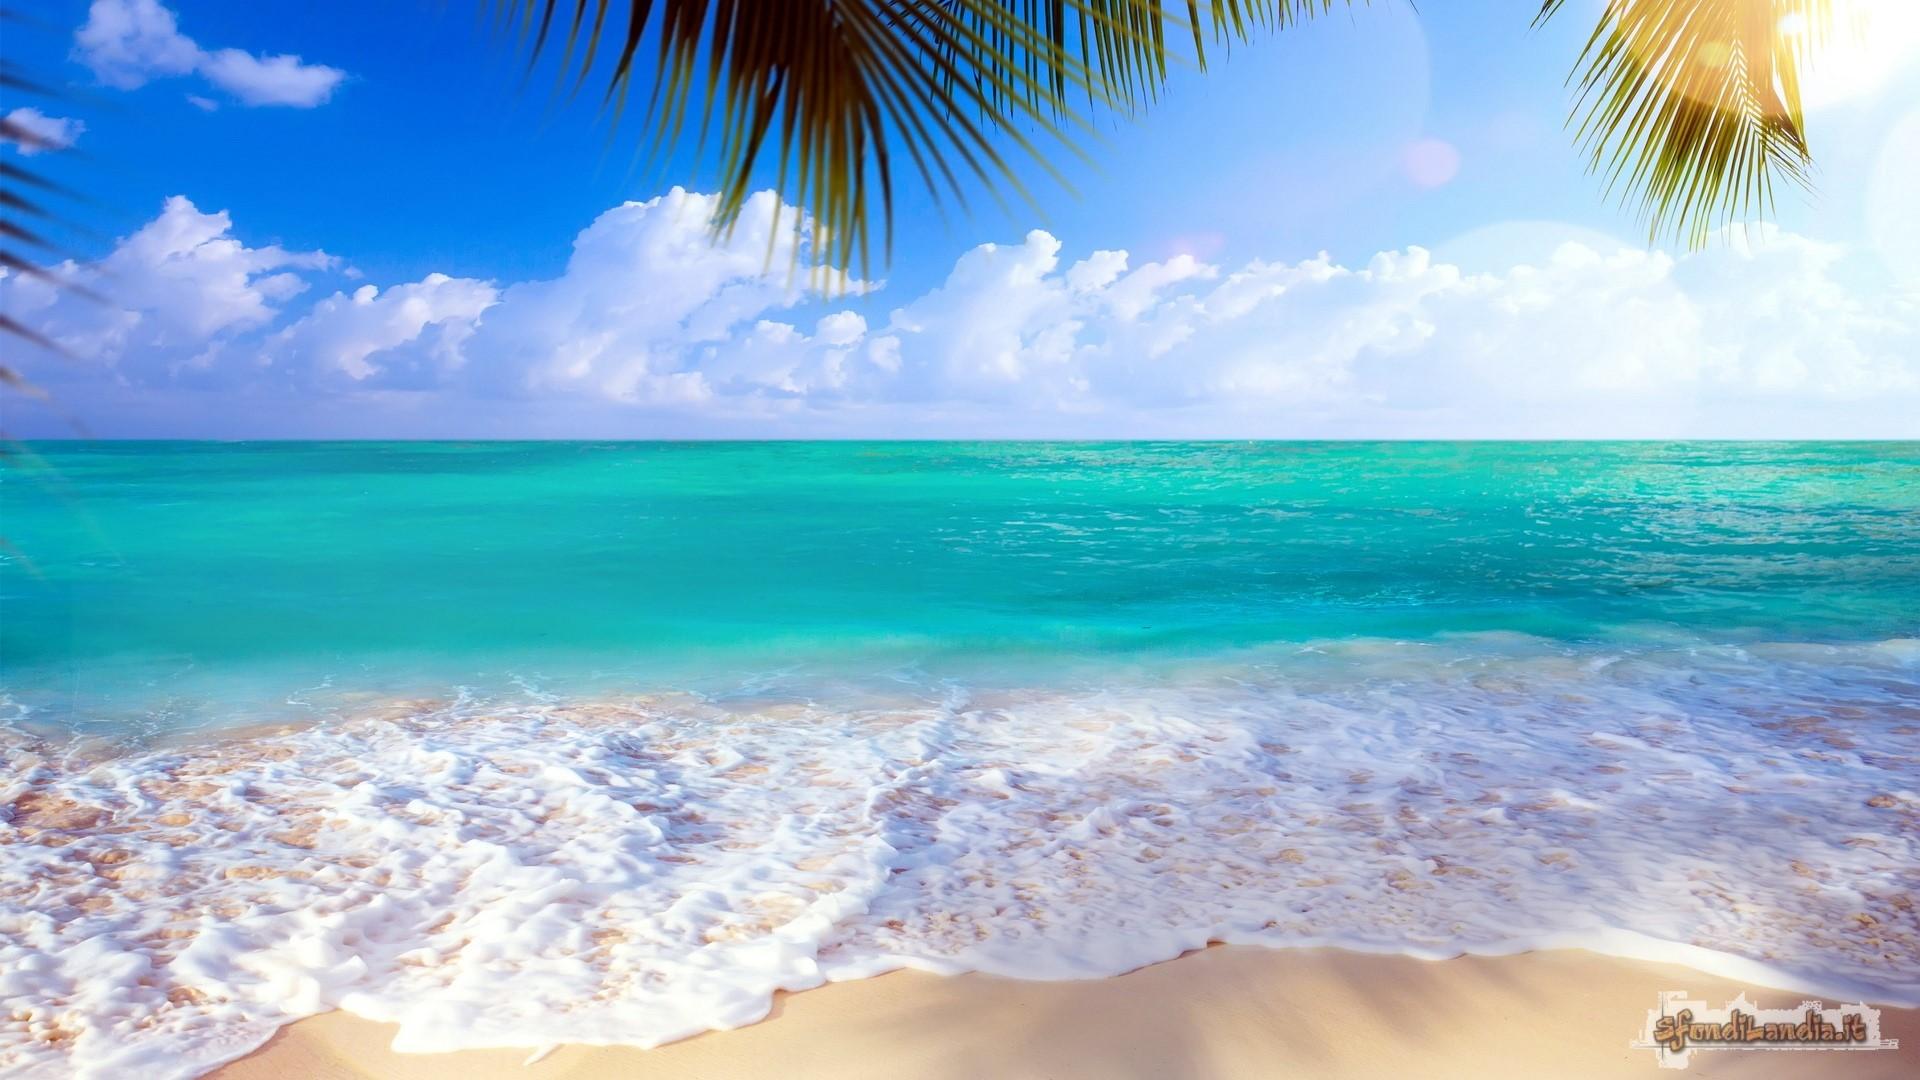 Sfondilandiait Sfondo Gratis Di Summer Sunshine Per Desktop